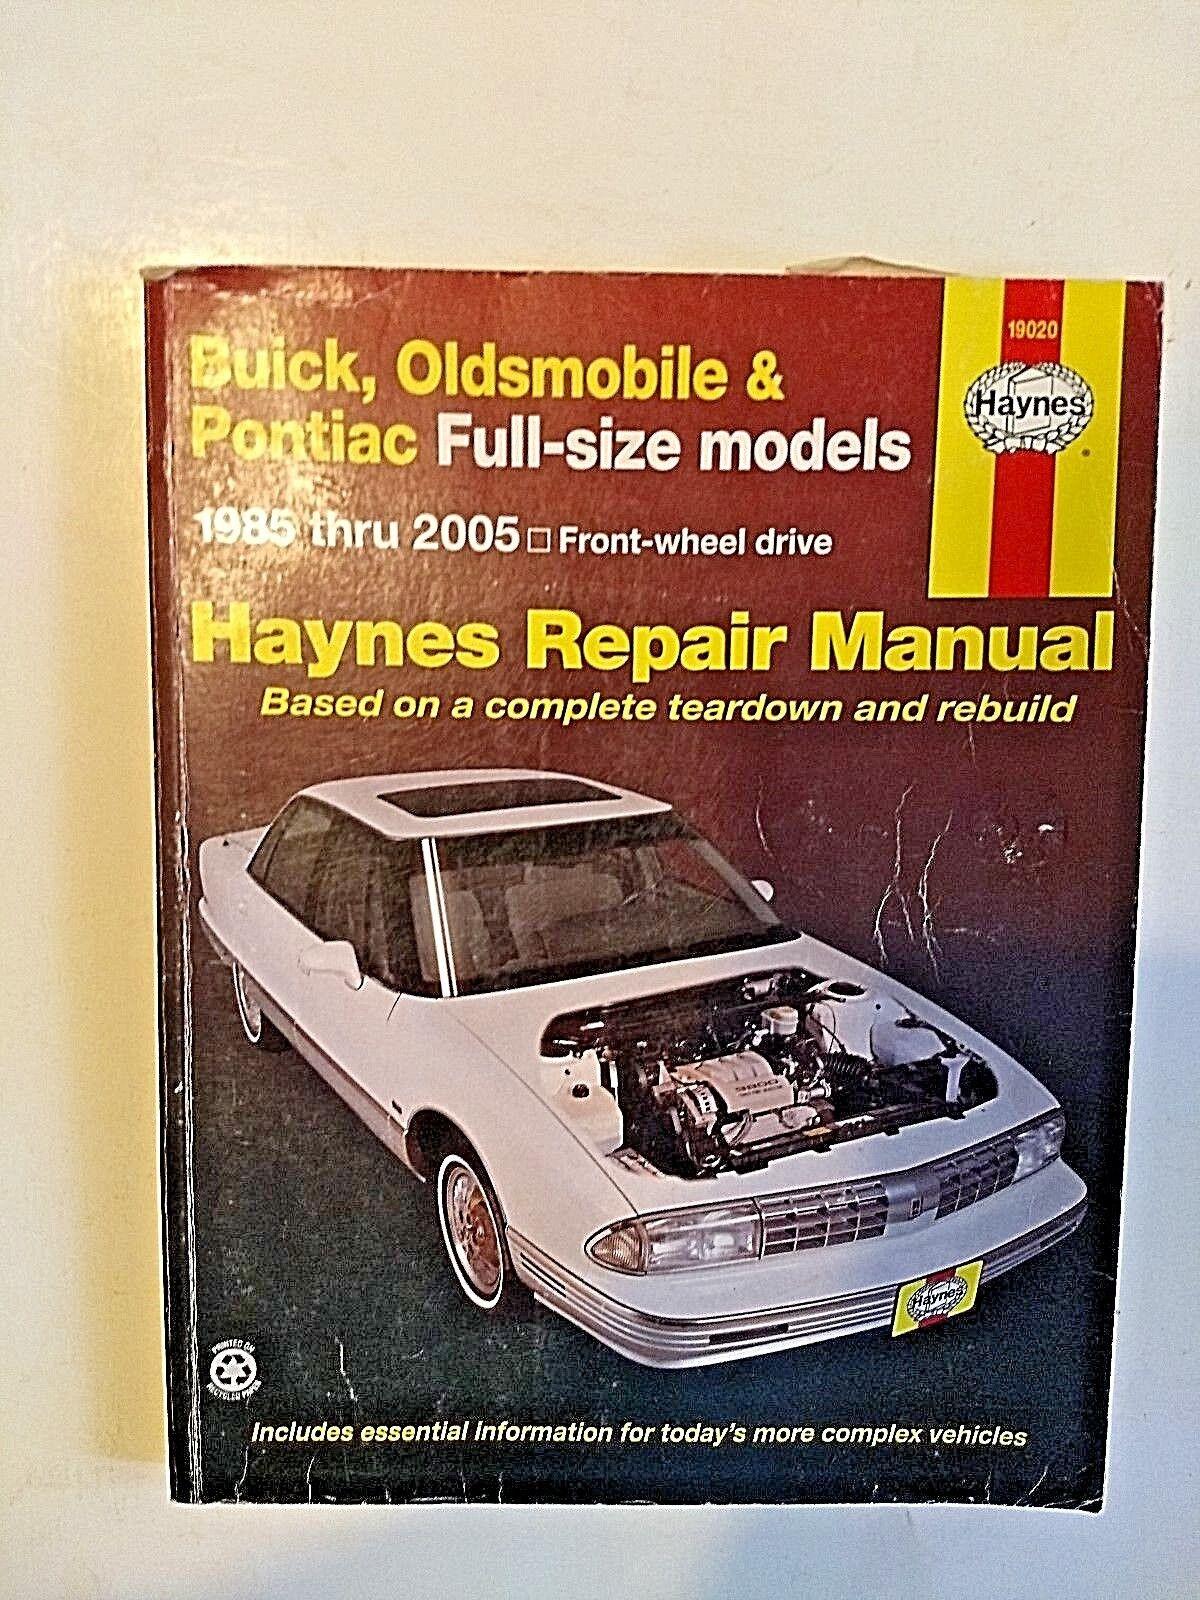 Haynes Repair Manual: Buick, Oldsmobile and Pontiac Full-Size Models 1985 -2005